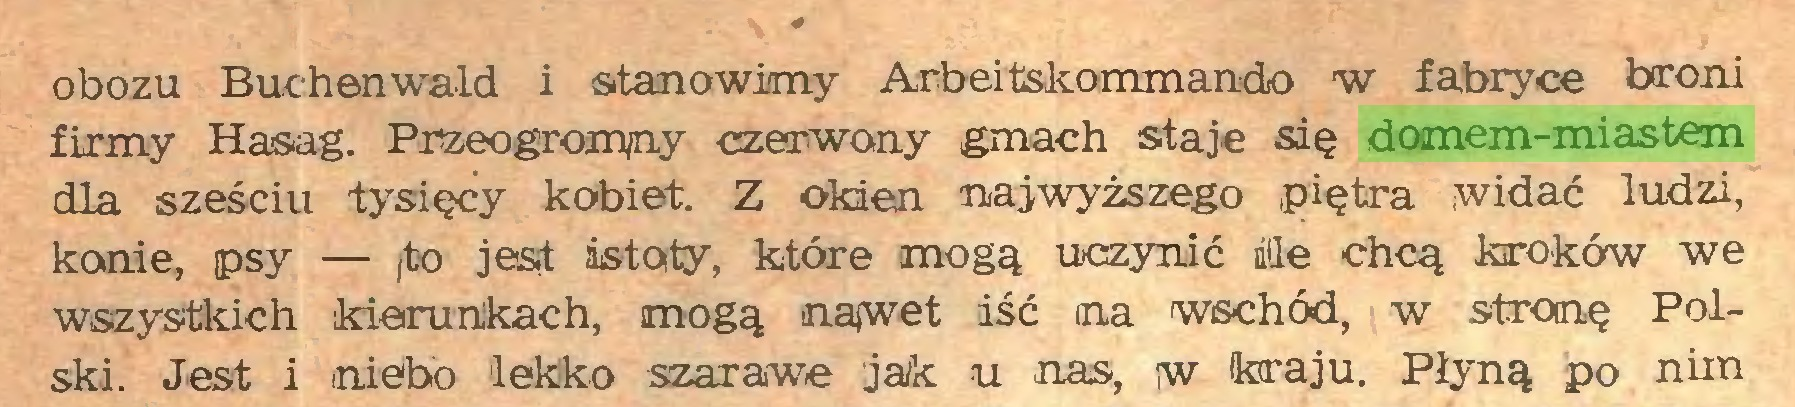 (...) obozu Buchenwald i stanowimy Arbeitskommando w fabryce broni firmy Hasag. Przeogromny czerwony gmach staje się domem-miastem dla sześciu -tysięcy kobiet. Z okien najwyższego piętra widać ludzi, konie, psy — fto jest istoty, które mogą uczynić ile chcą kroków we wszystkich kierunkach, mogą najwet iść na wschód, w stronę Polski. Jest i niebo lekko szarawe jak u nas, w kraju. Płyną po nim...